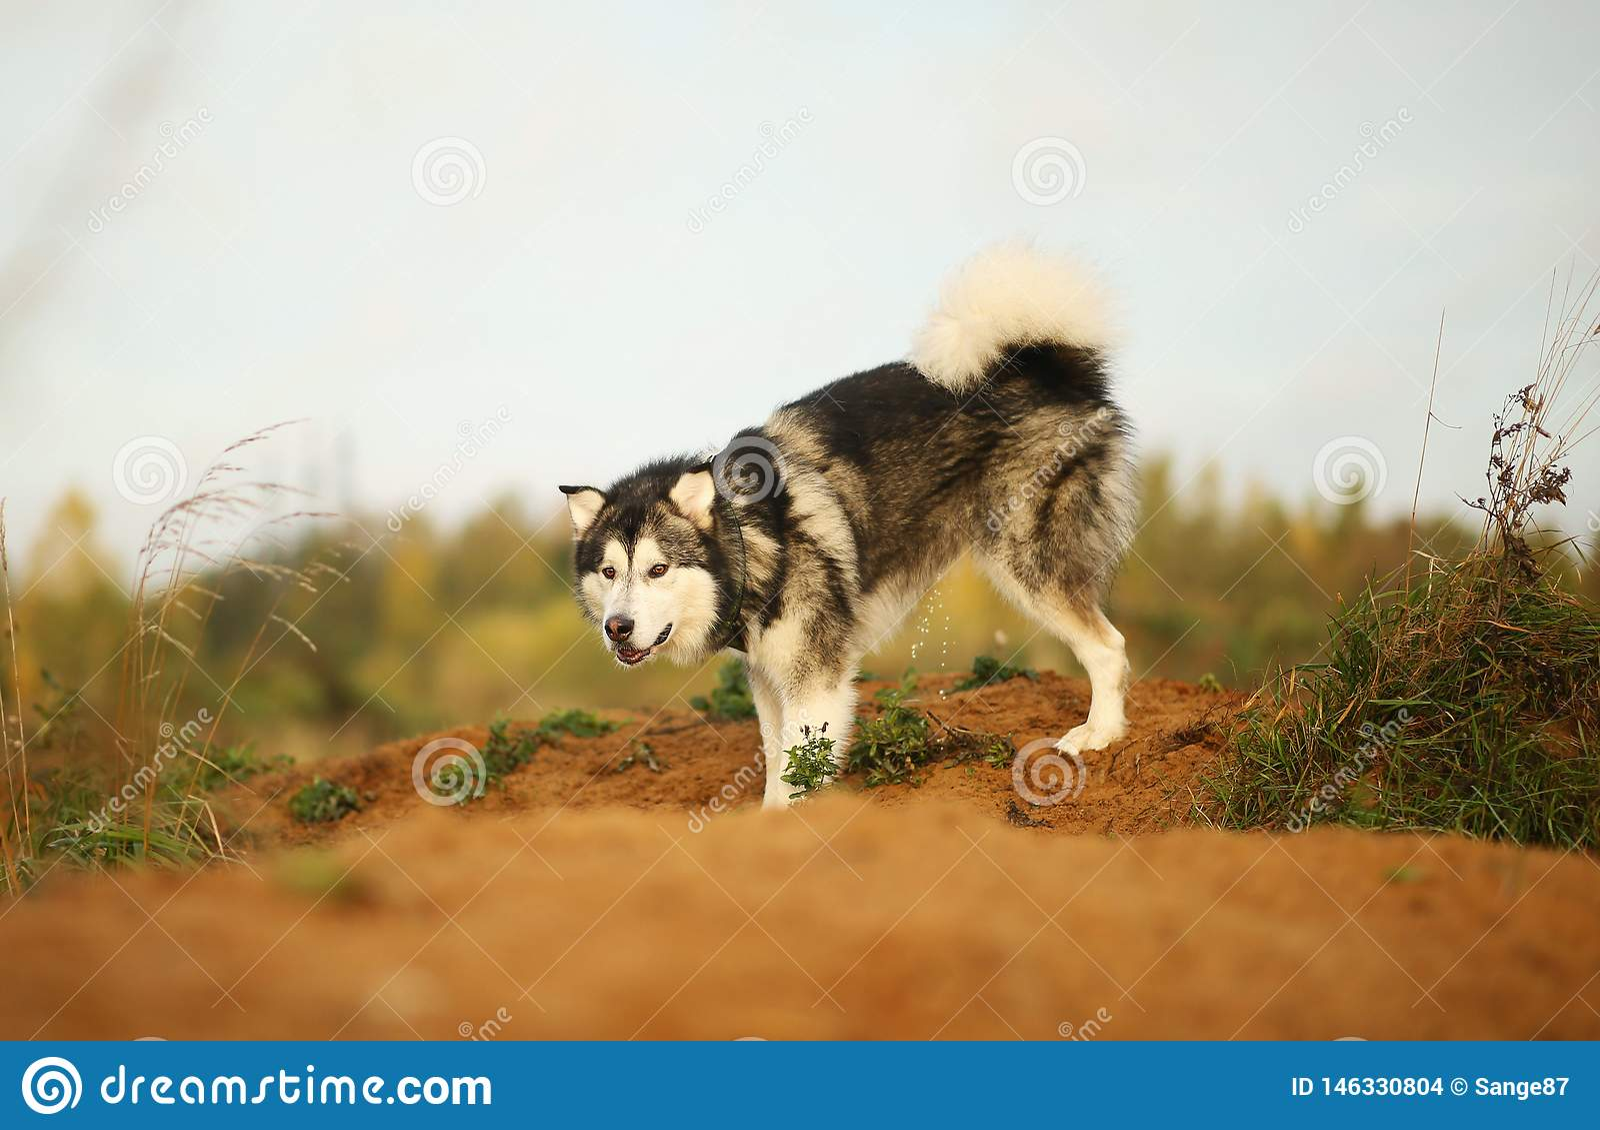 Κλείστε επάνω το μεγάλο καφετί άσπρο καθαρής φυλής μεγαλοπρεπές από την Αλάσκα σκυλί της Αλάσκας Malamute περπατώντας στον κενό τ